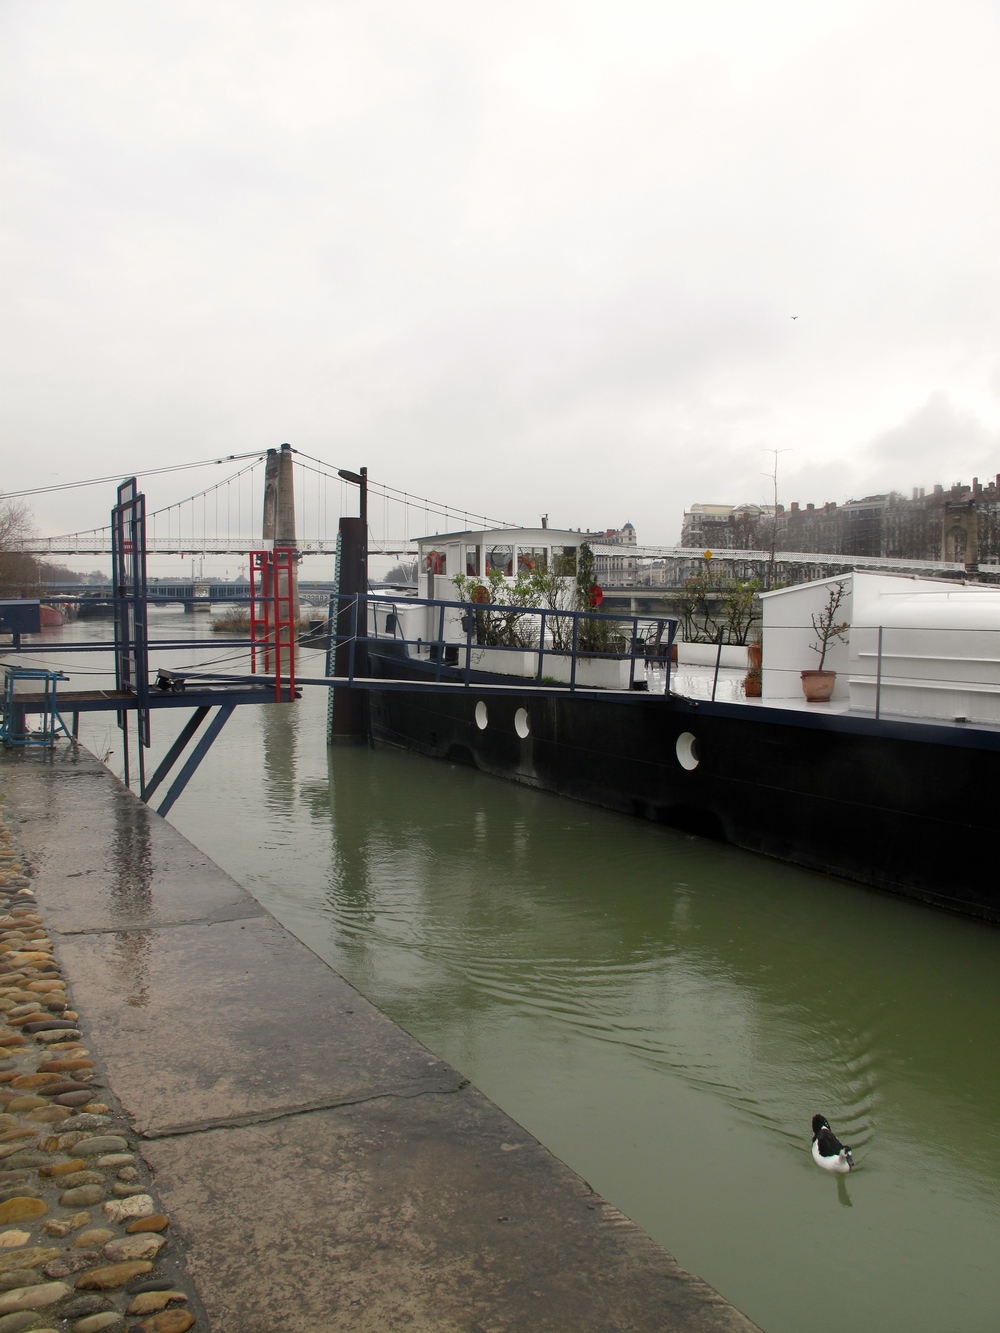 Bateaux on the Rhône river in Lyon